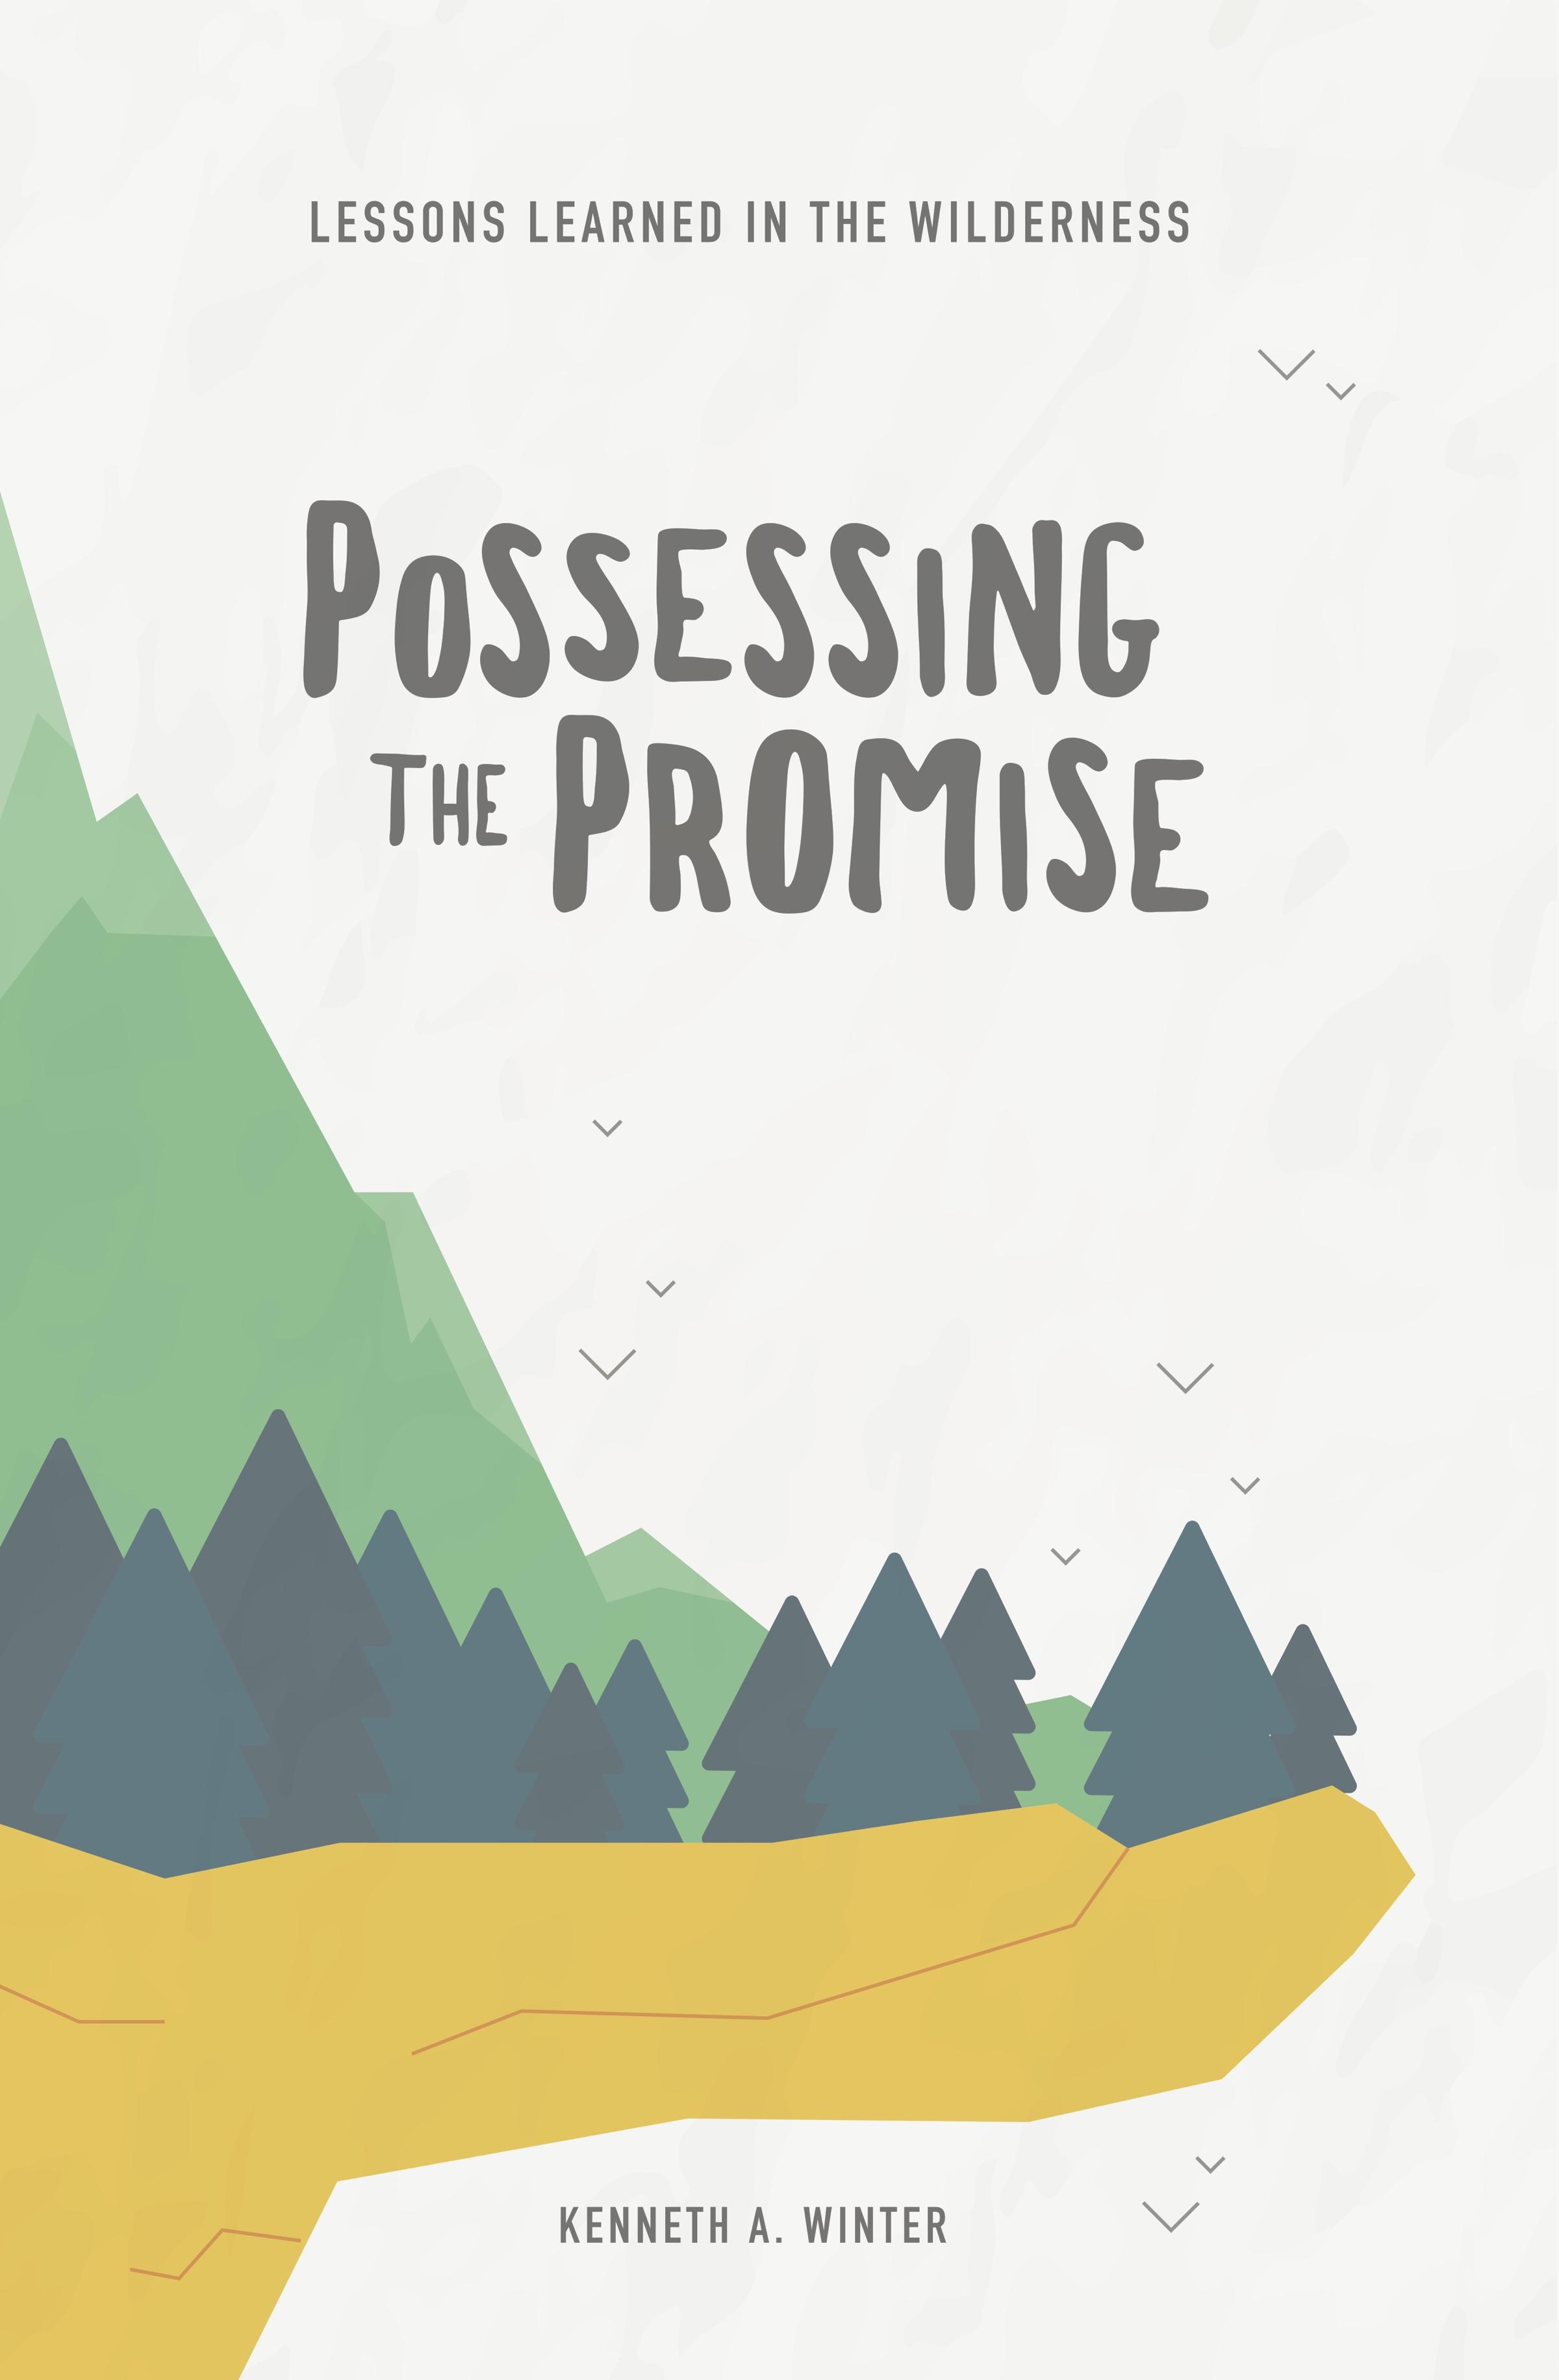 Possessing-The-Promise-iBooks.jpg